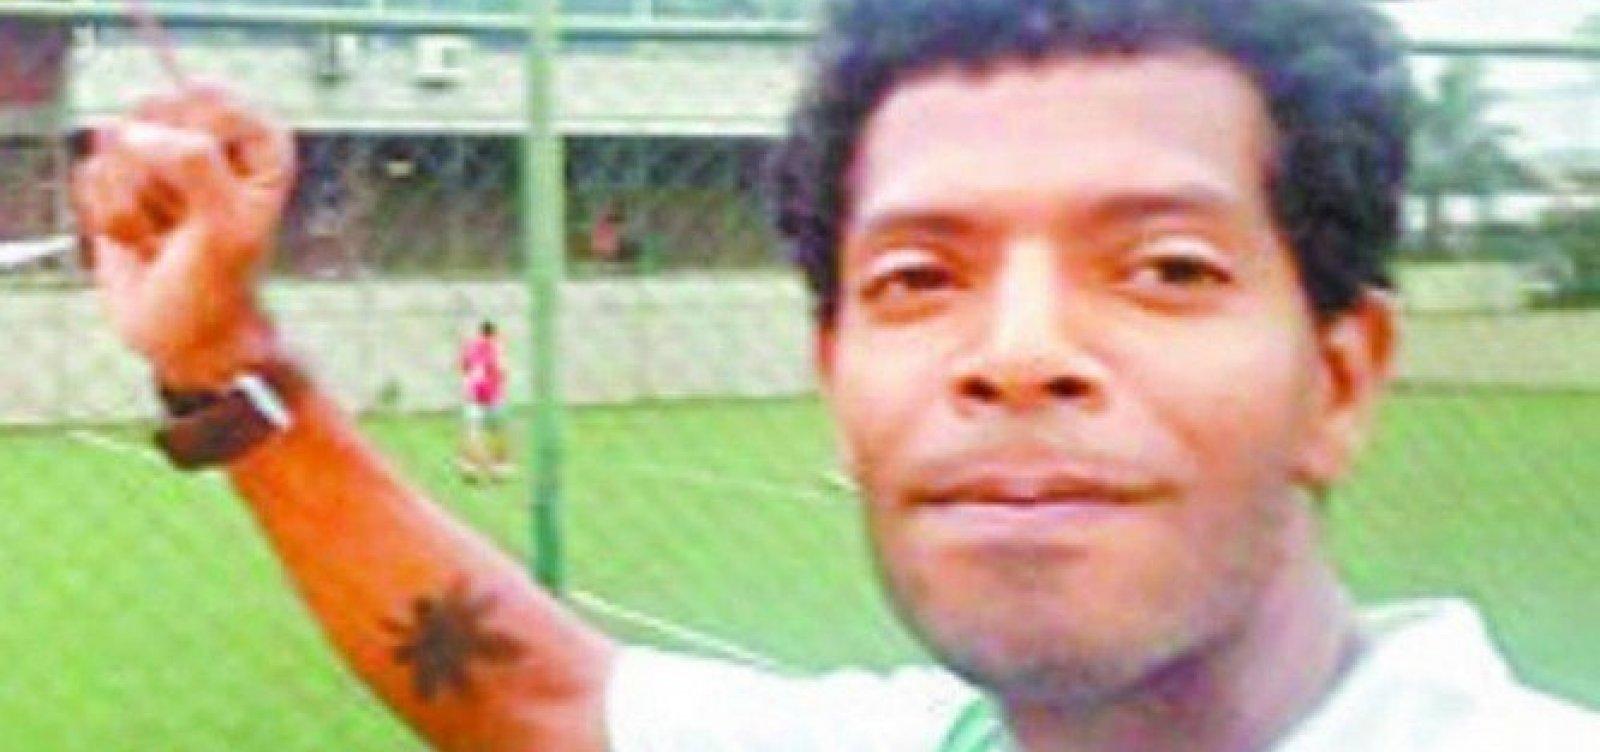 [Acusado de assassinar Marielle fez buscas sobre professor que teve atrito com Flávio Bolsonaro]